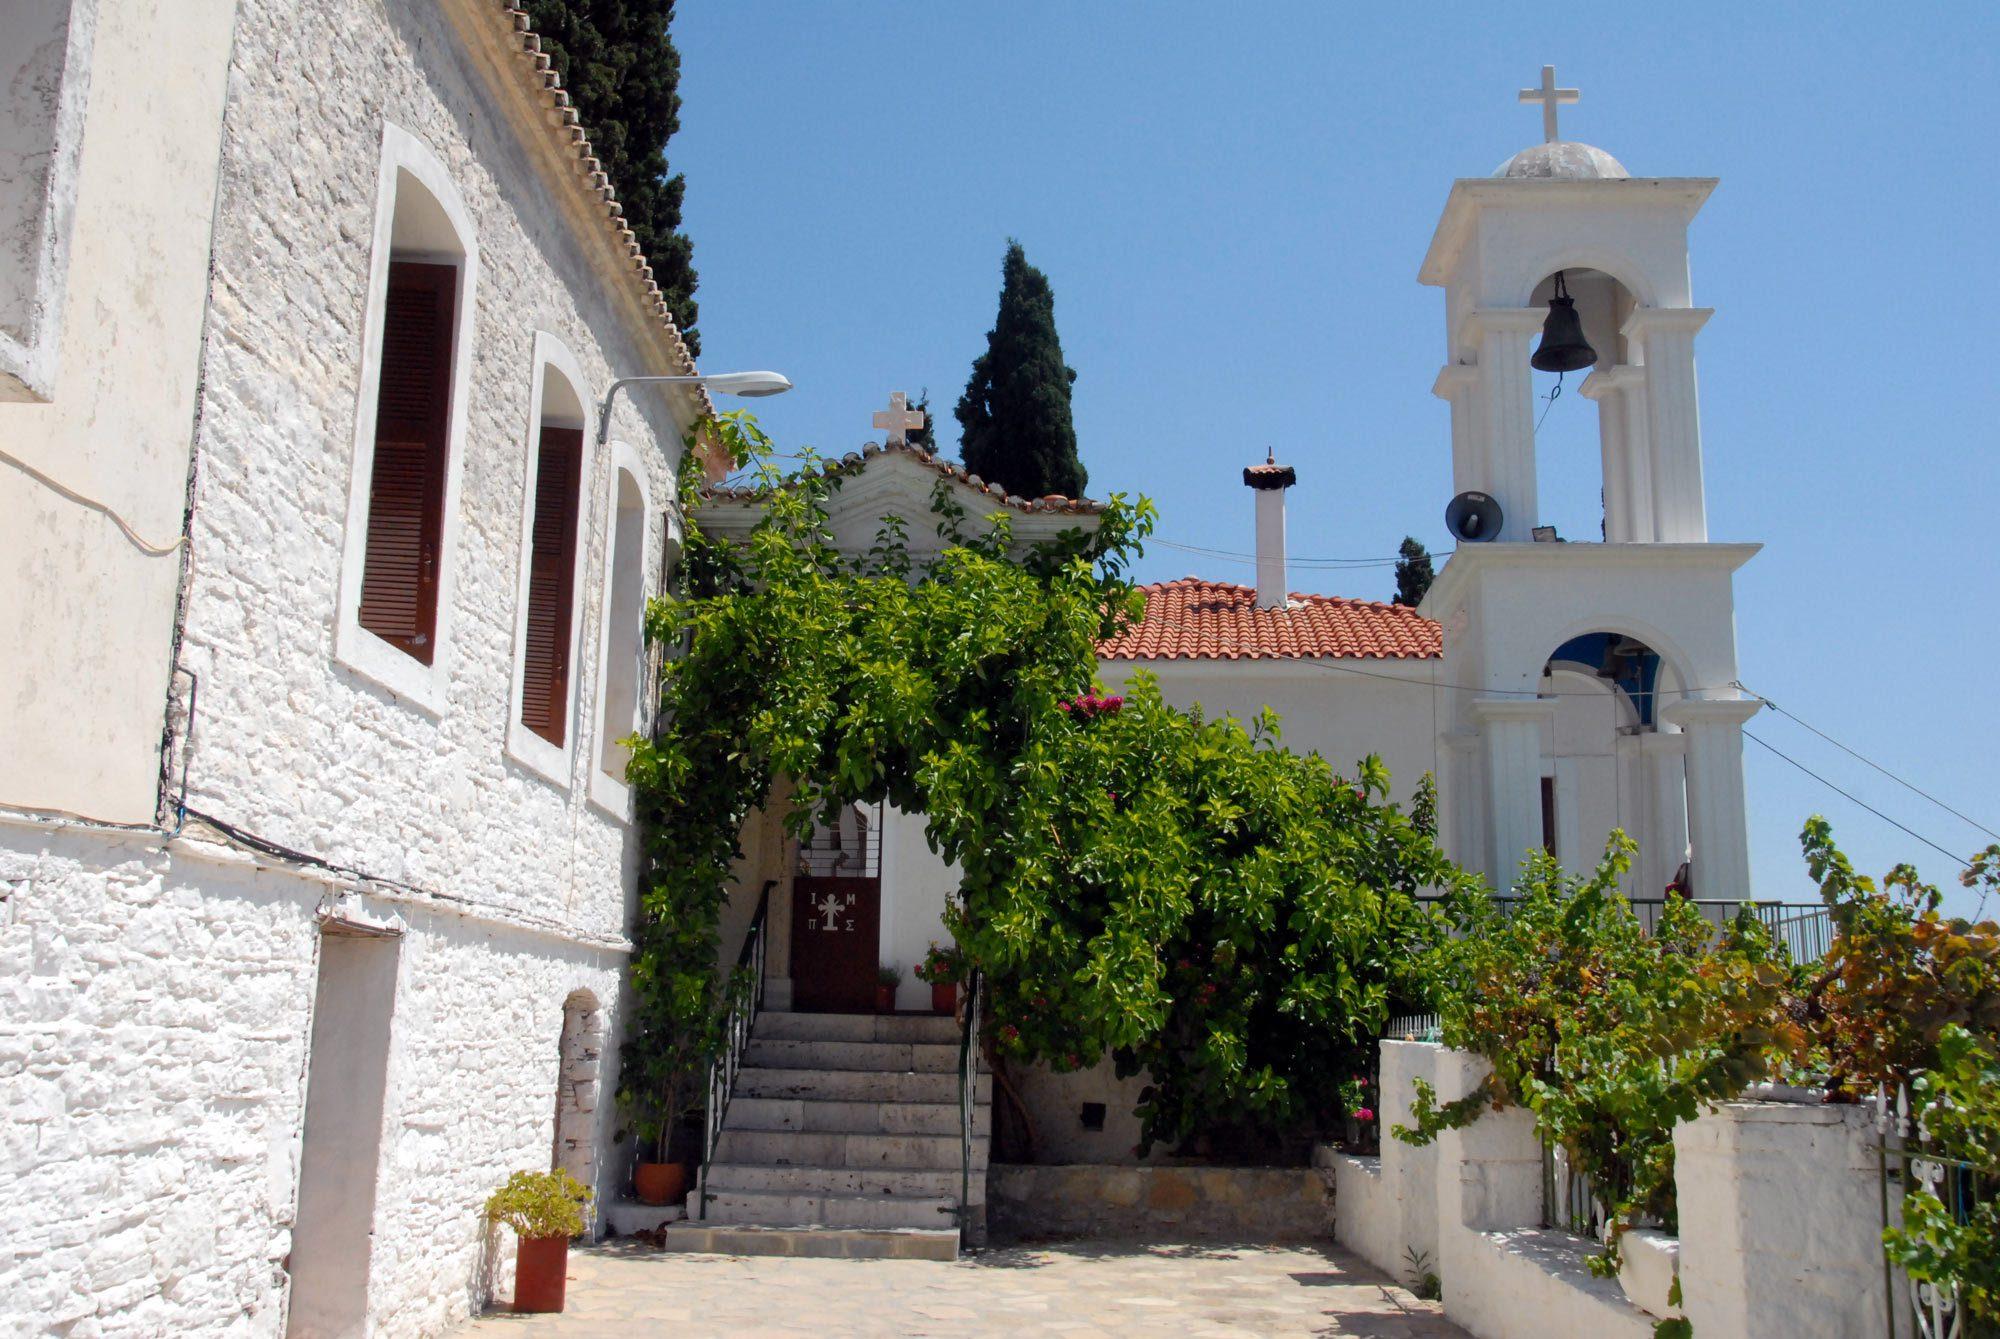 Μοναστήρι της Παναγίας Σπηλιανής - iSamos.gr